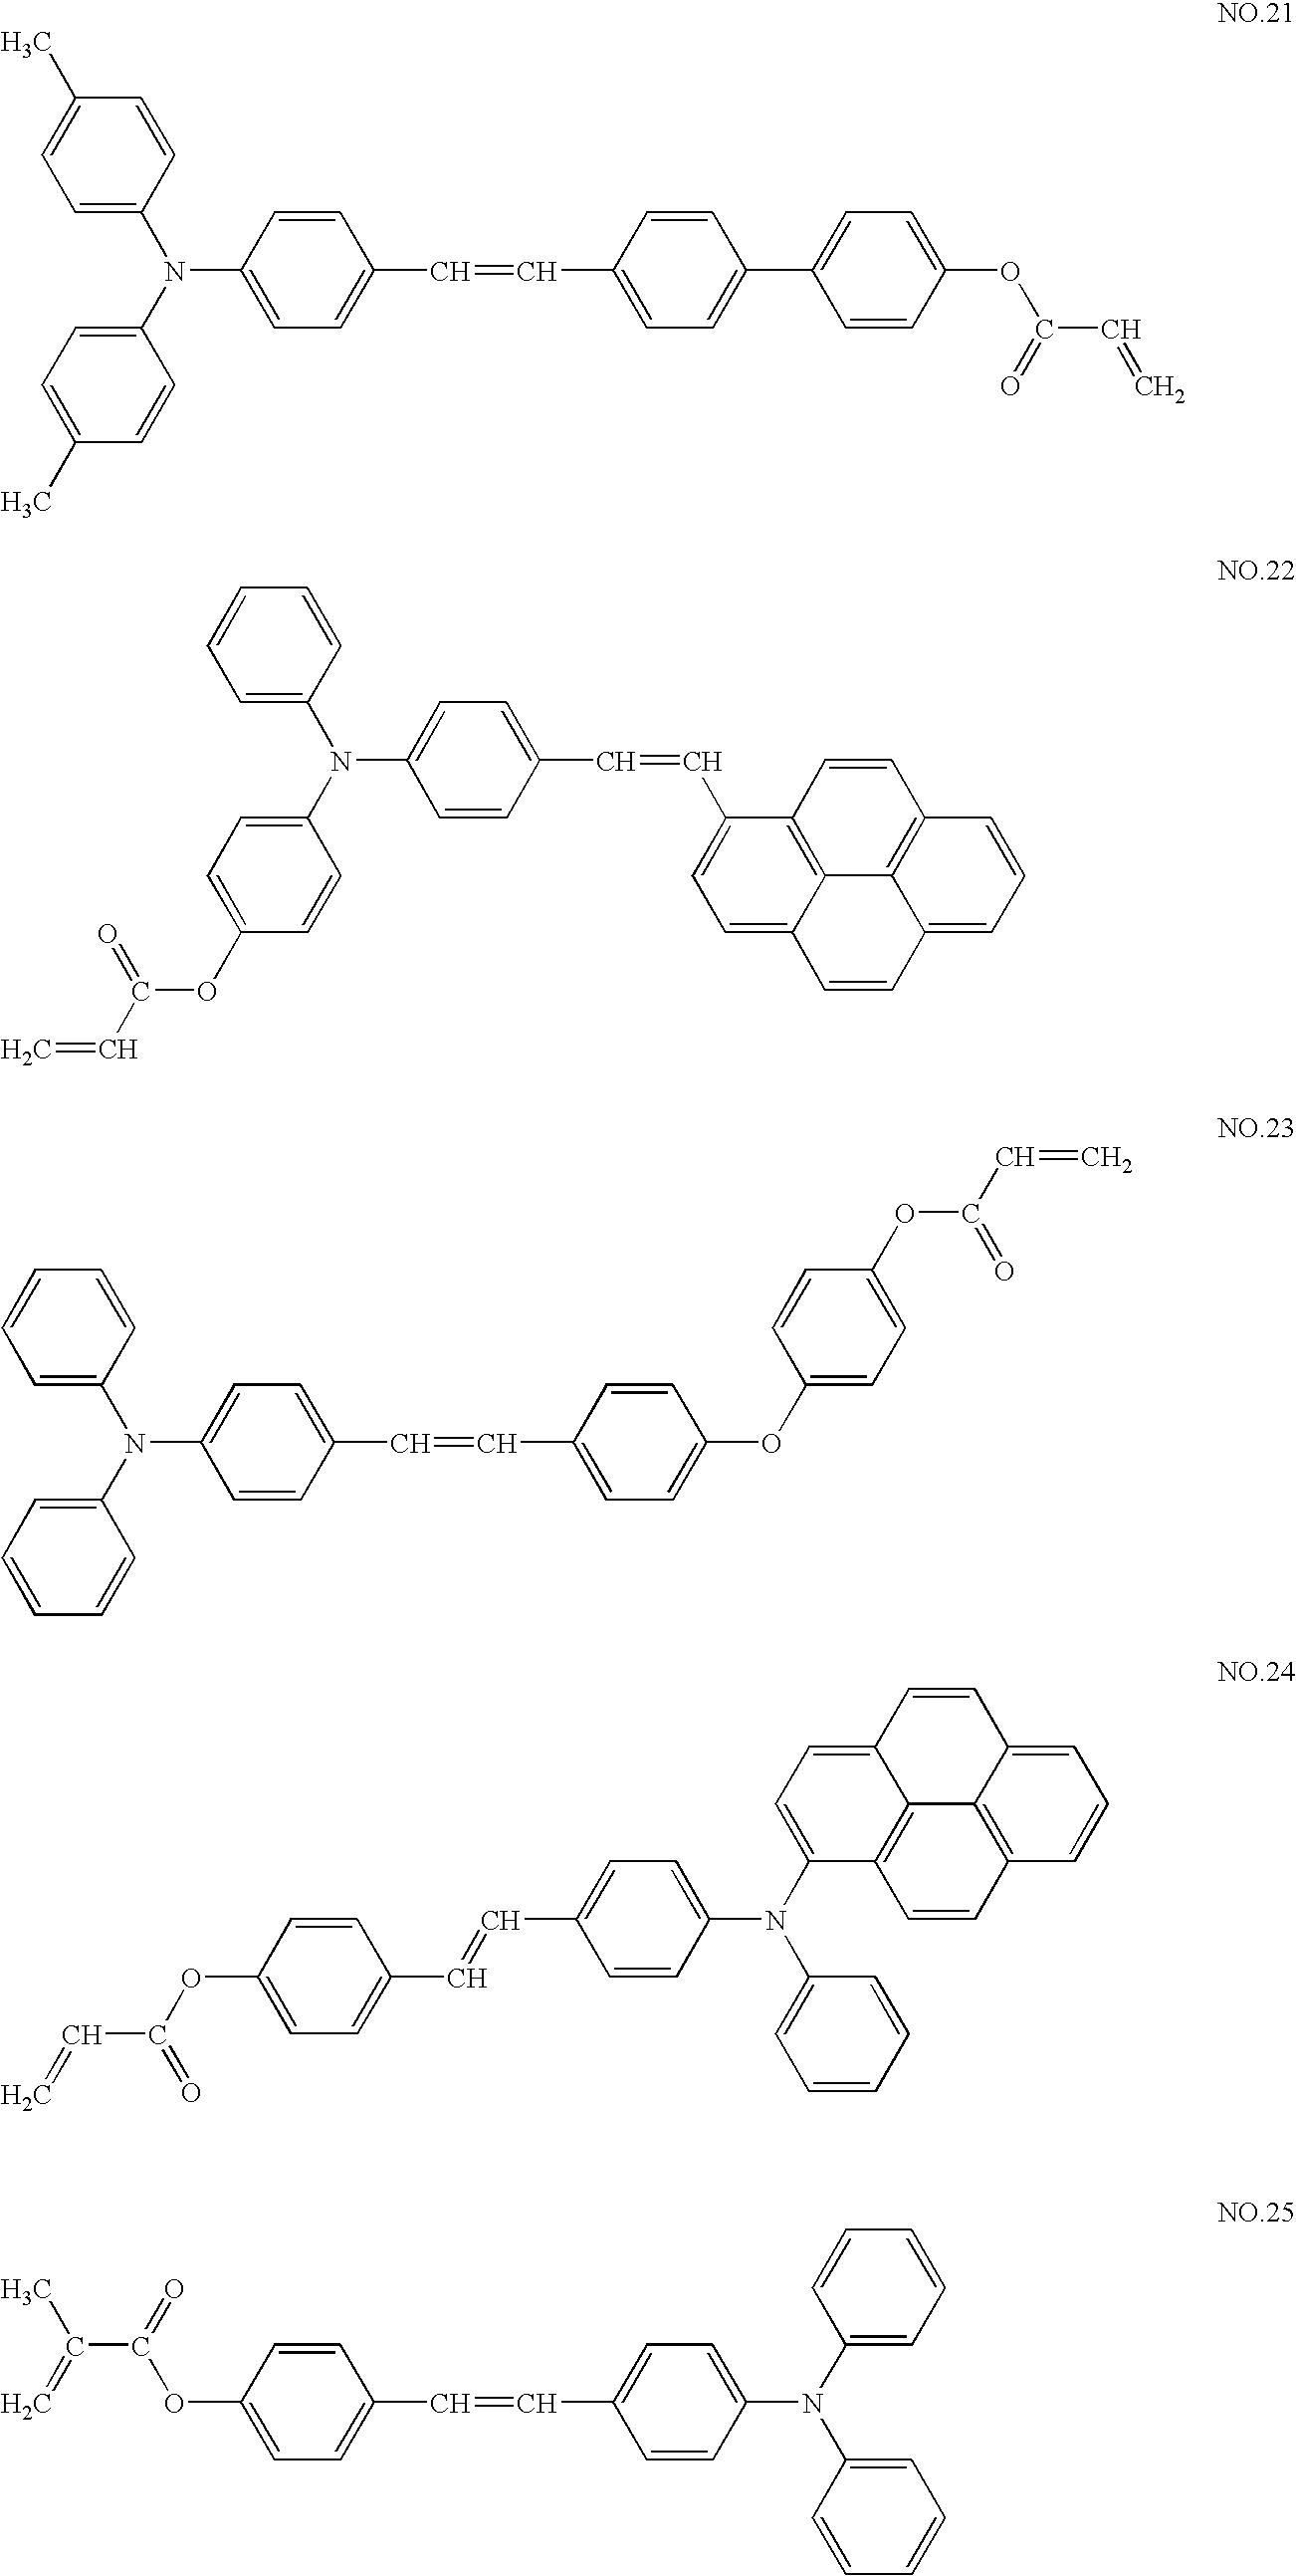 Figure US20070031746A1-20070208-C00015